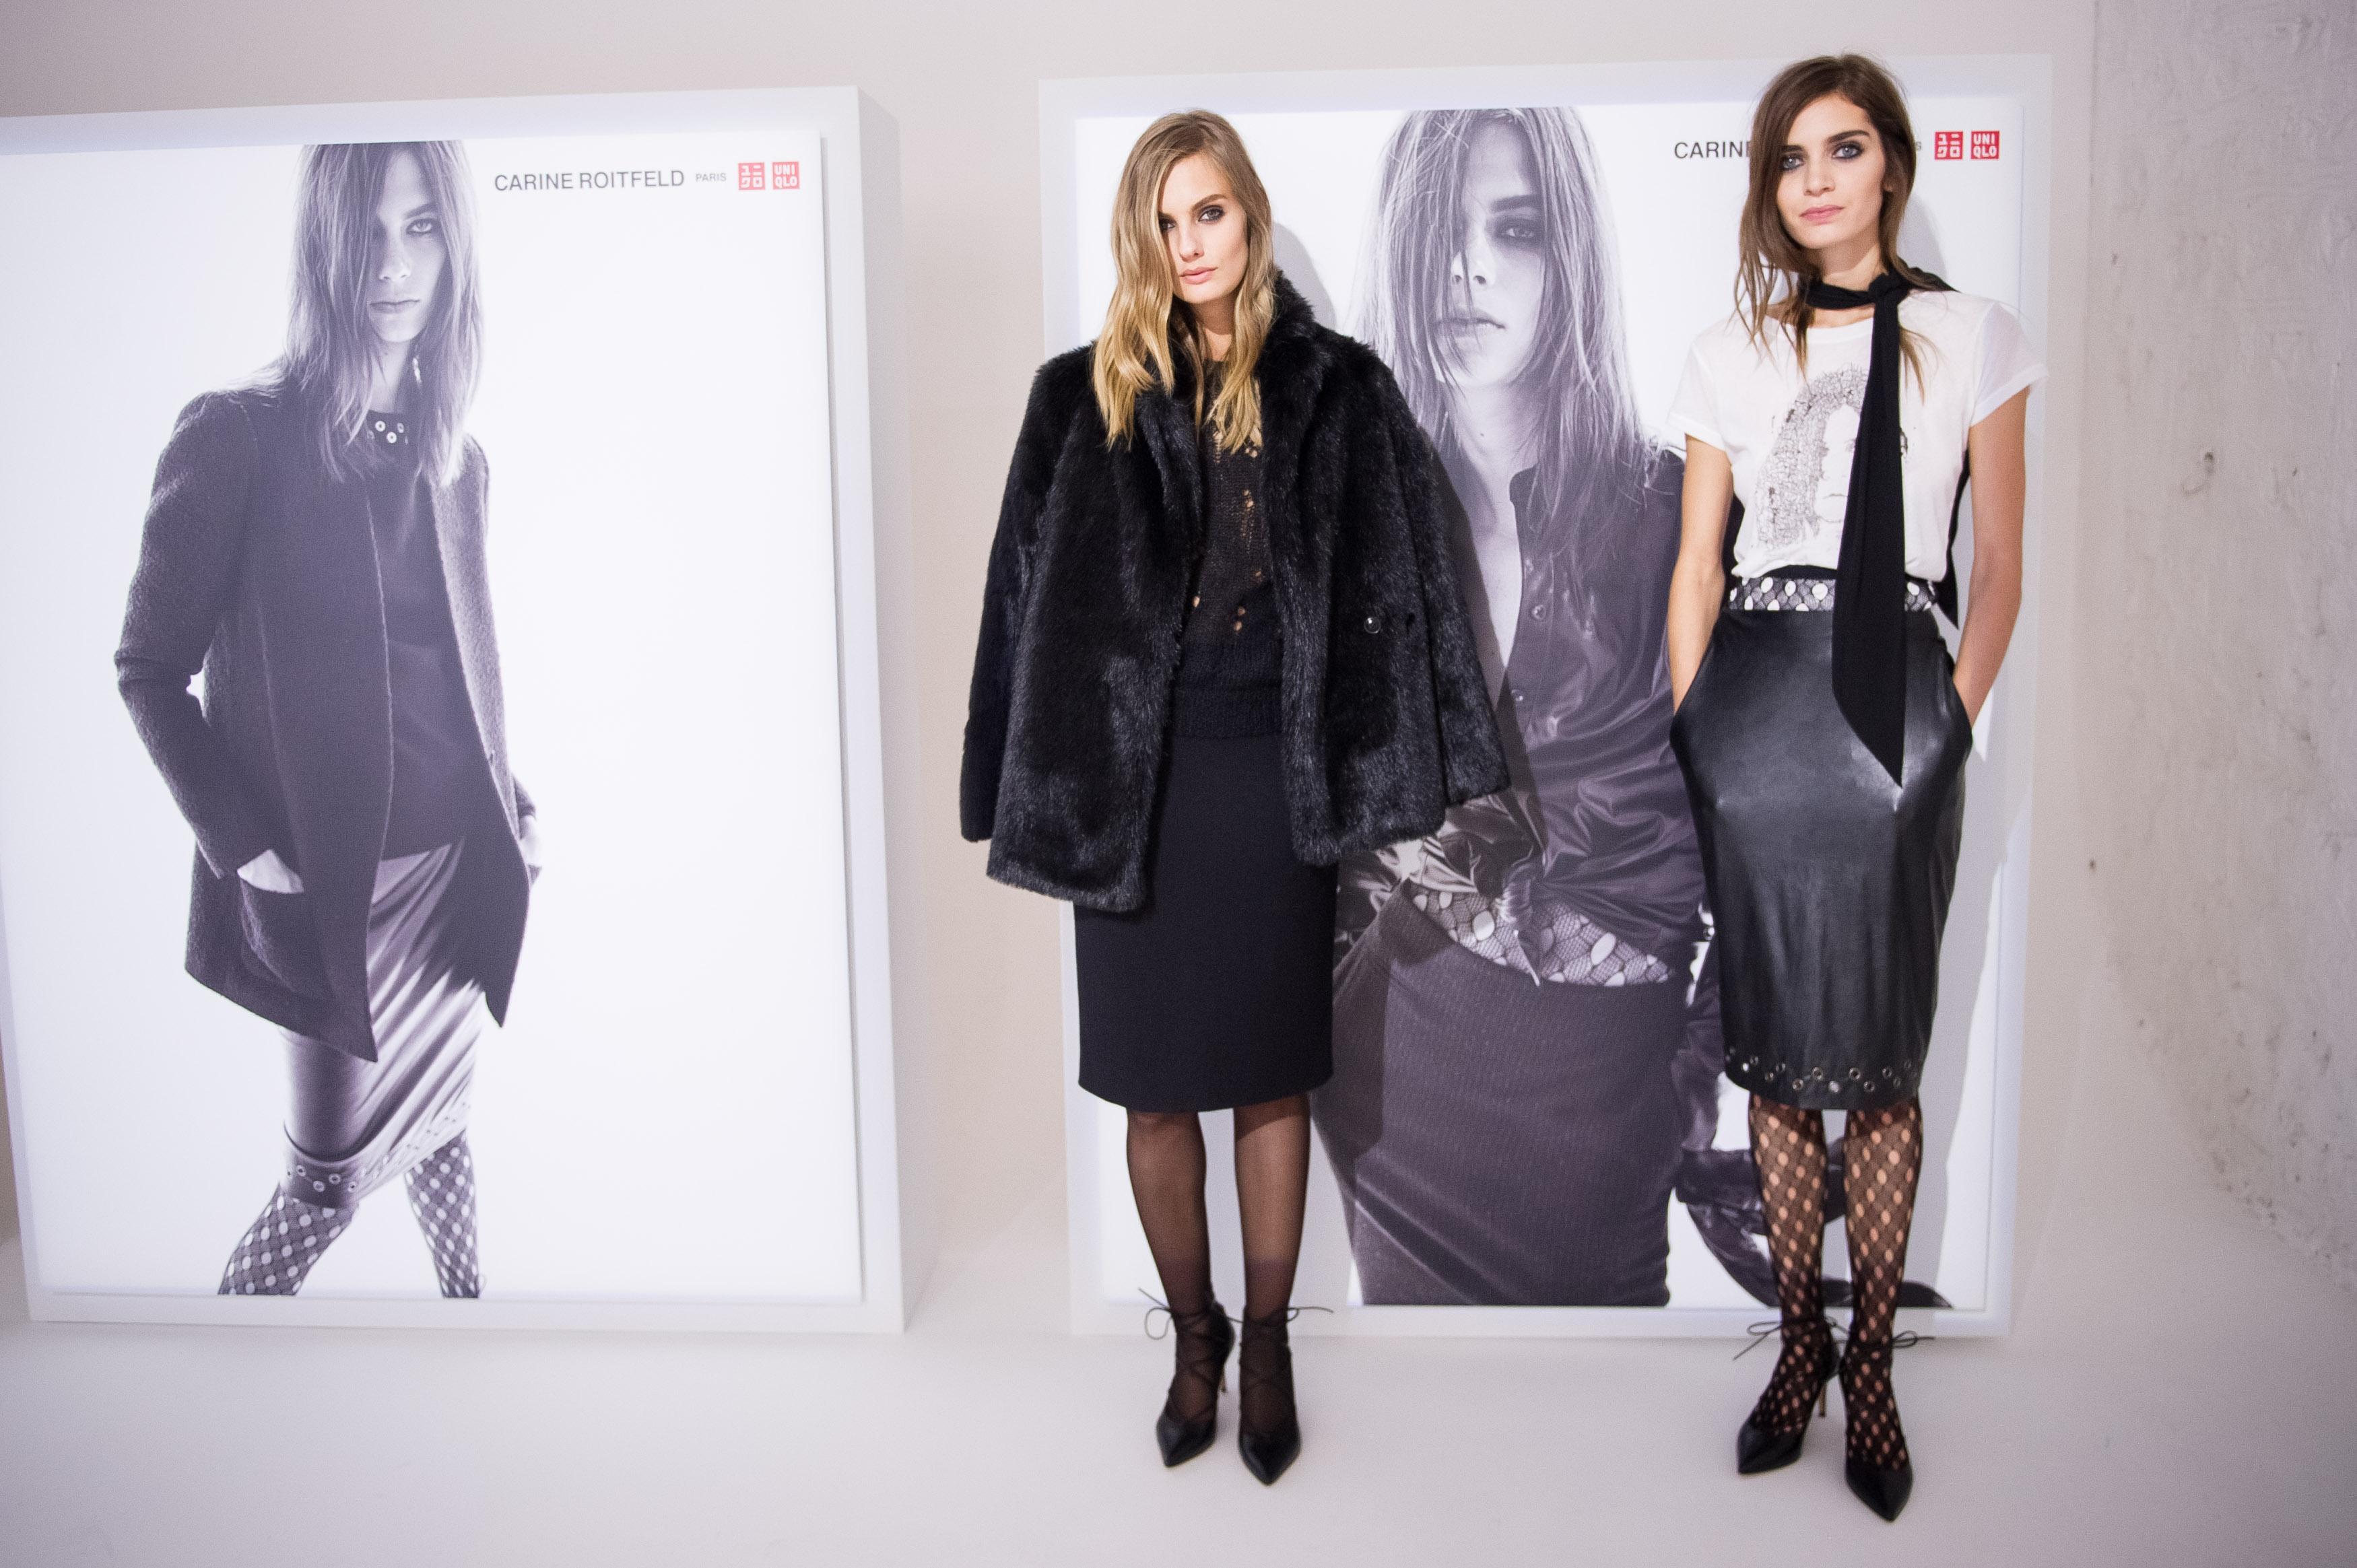 Roitfeld carine a wardrobe retrospective